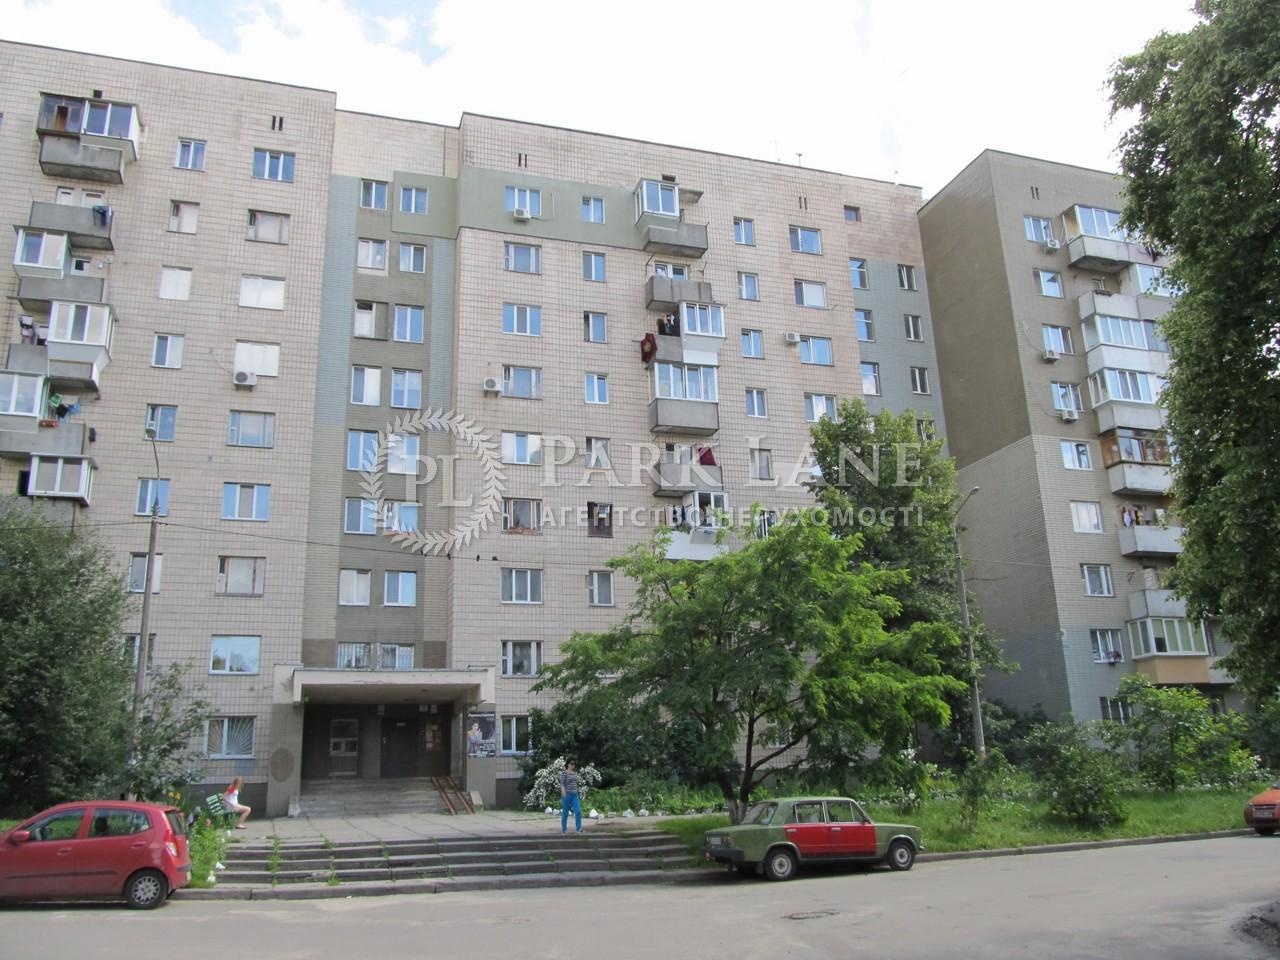 Квартира ул. Менделеева, 12, Киев, Z-624186 - Фото 2